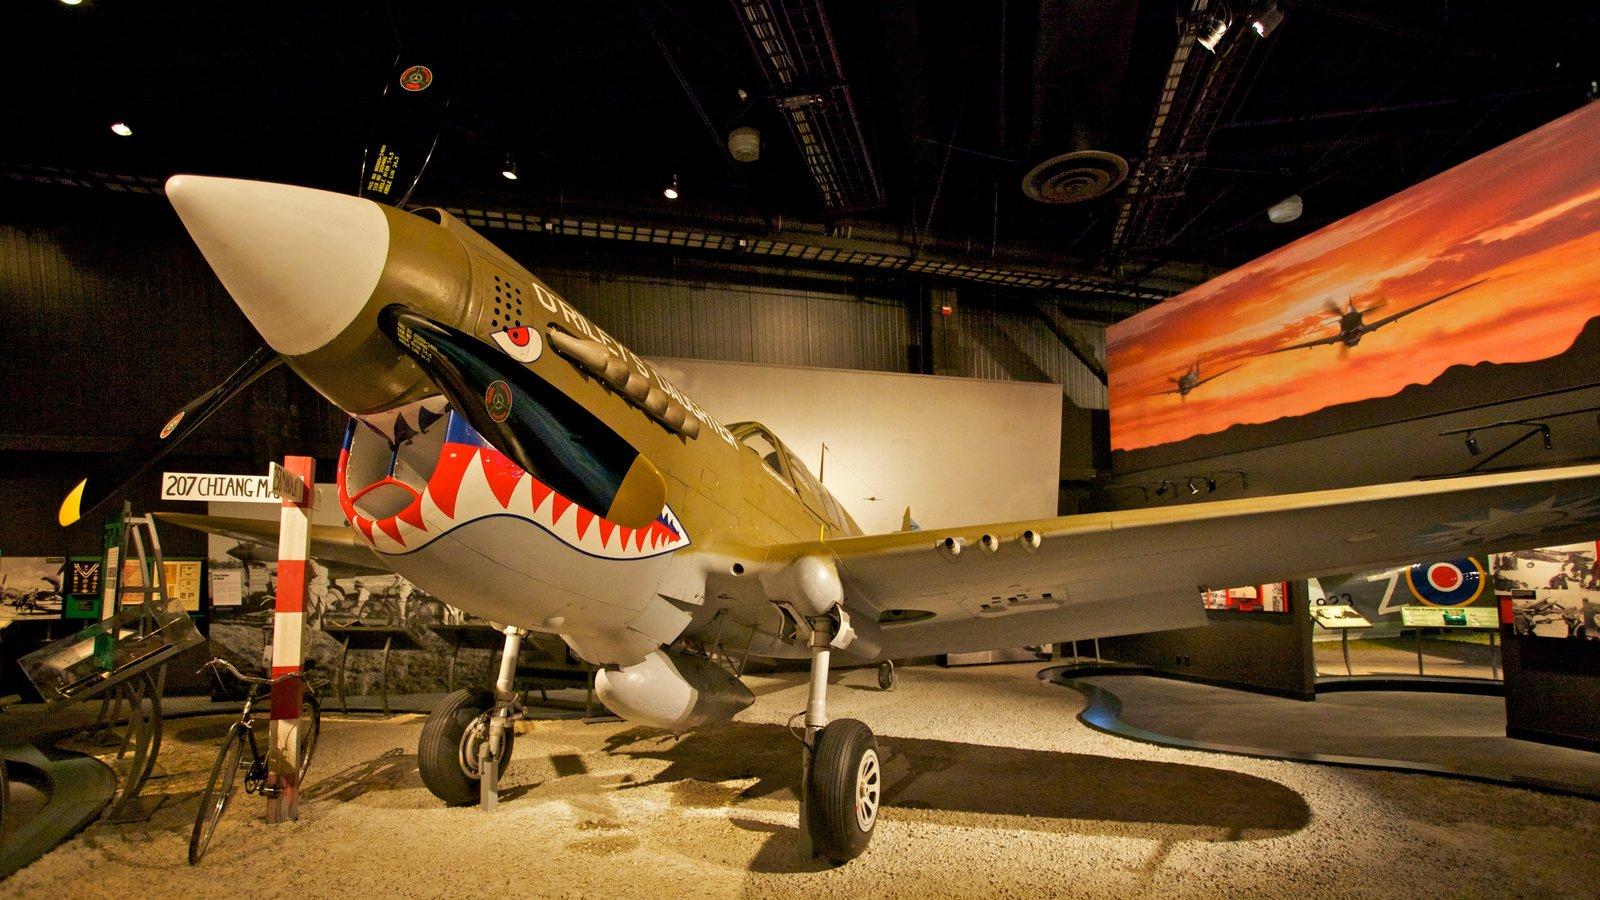 Museu do Ar caracterizando vistas internas e aeronave